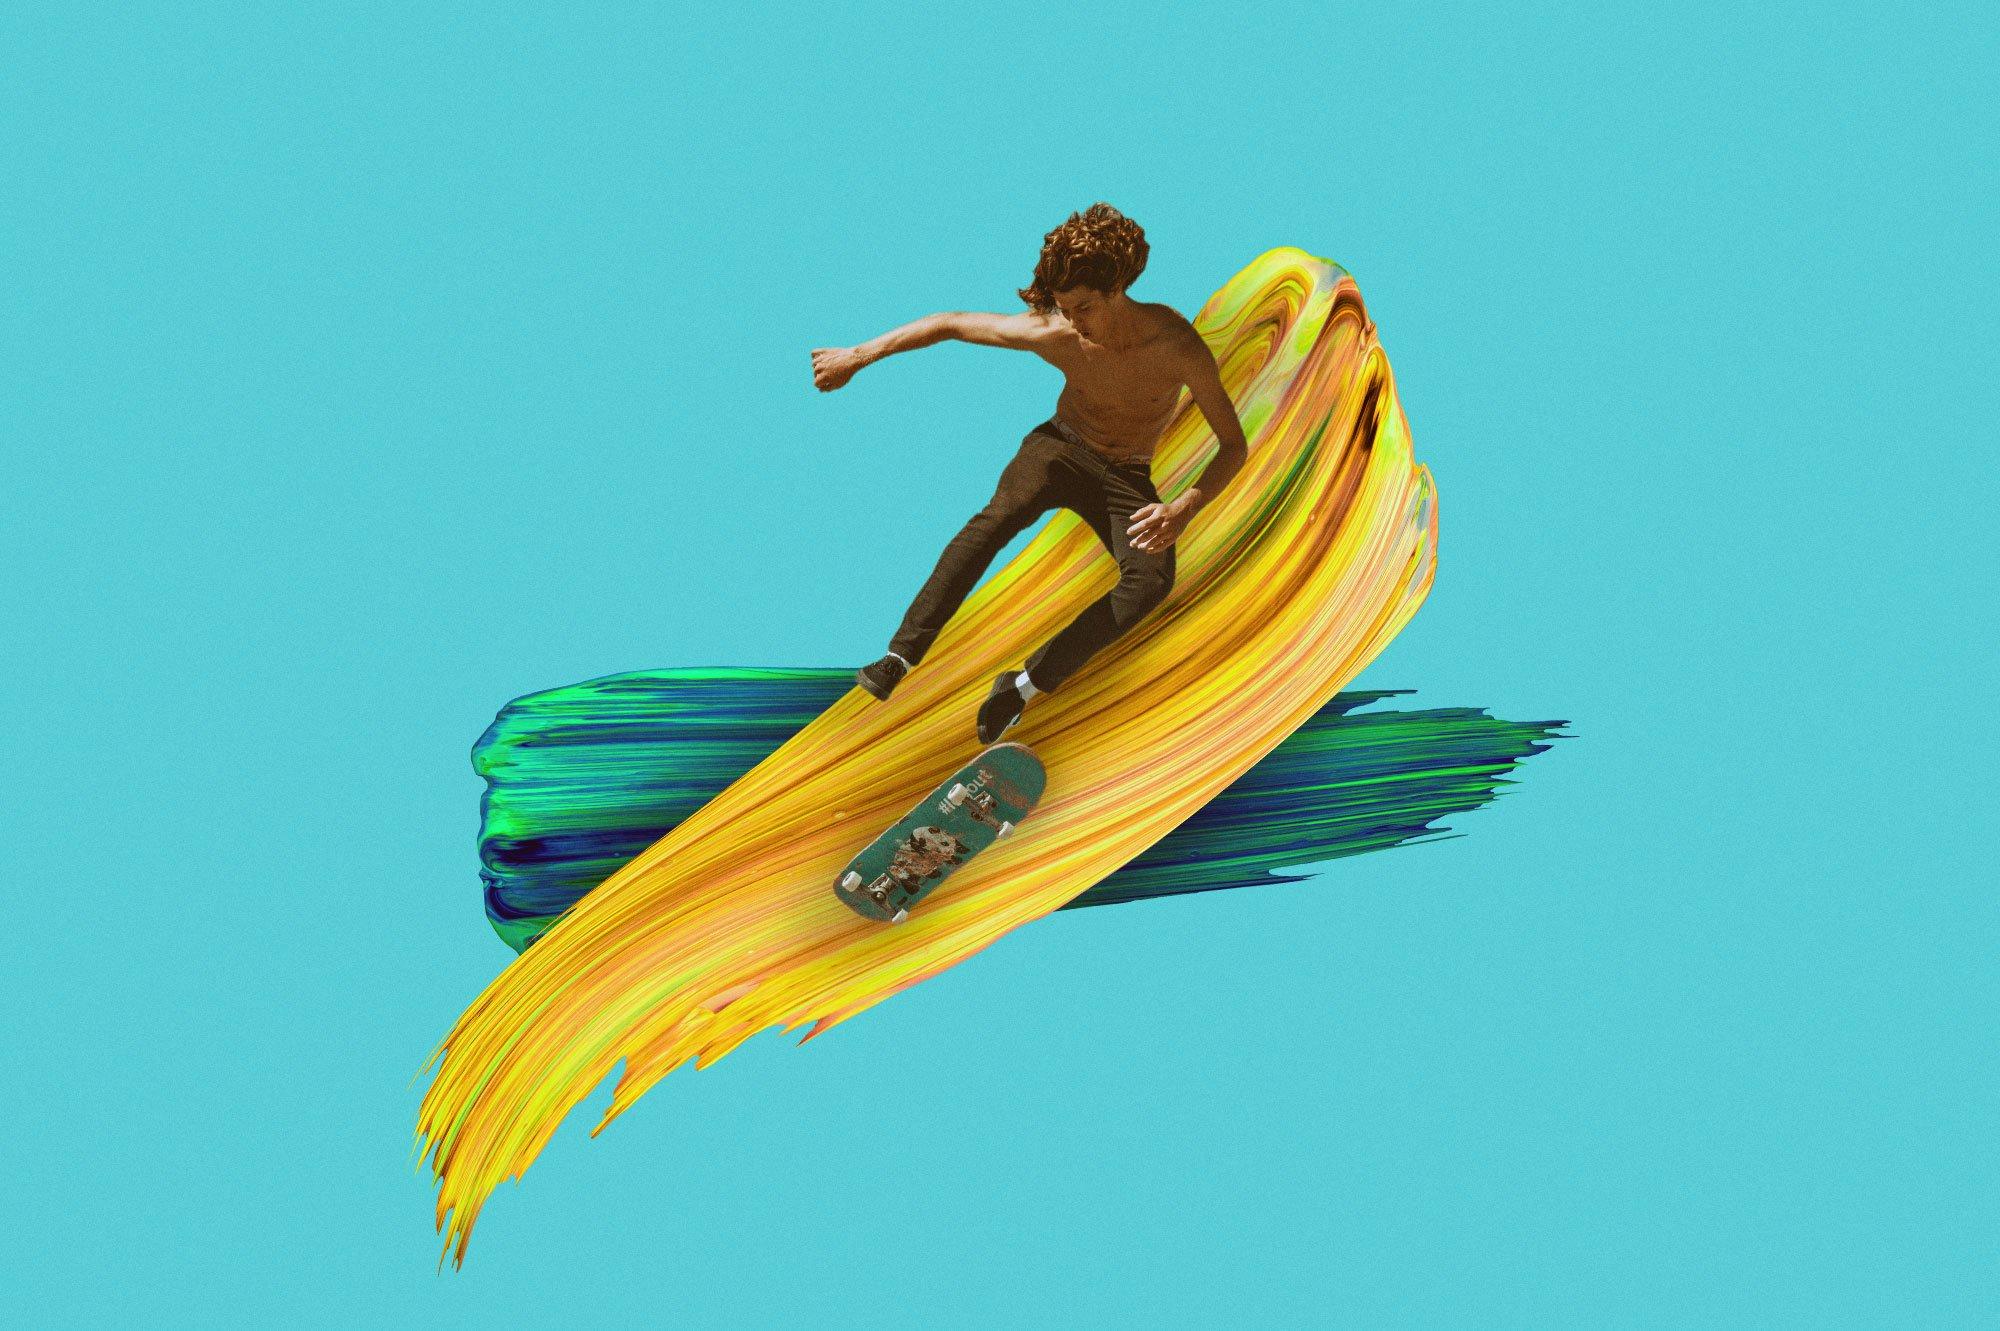 创意炫彩绘画颜料笔刷海报主视觉广告设计PS素材 Vibrant Paint Strokes插图(3)